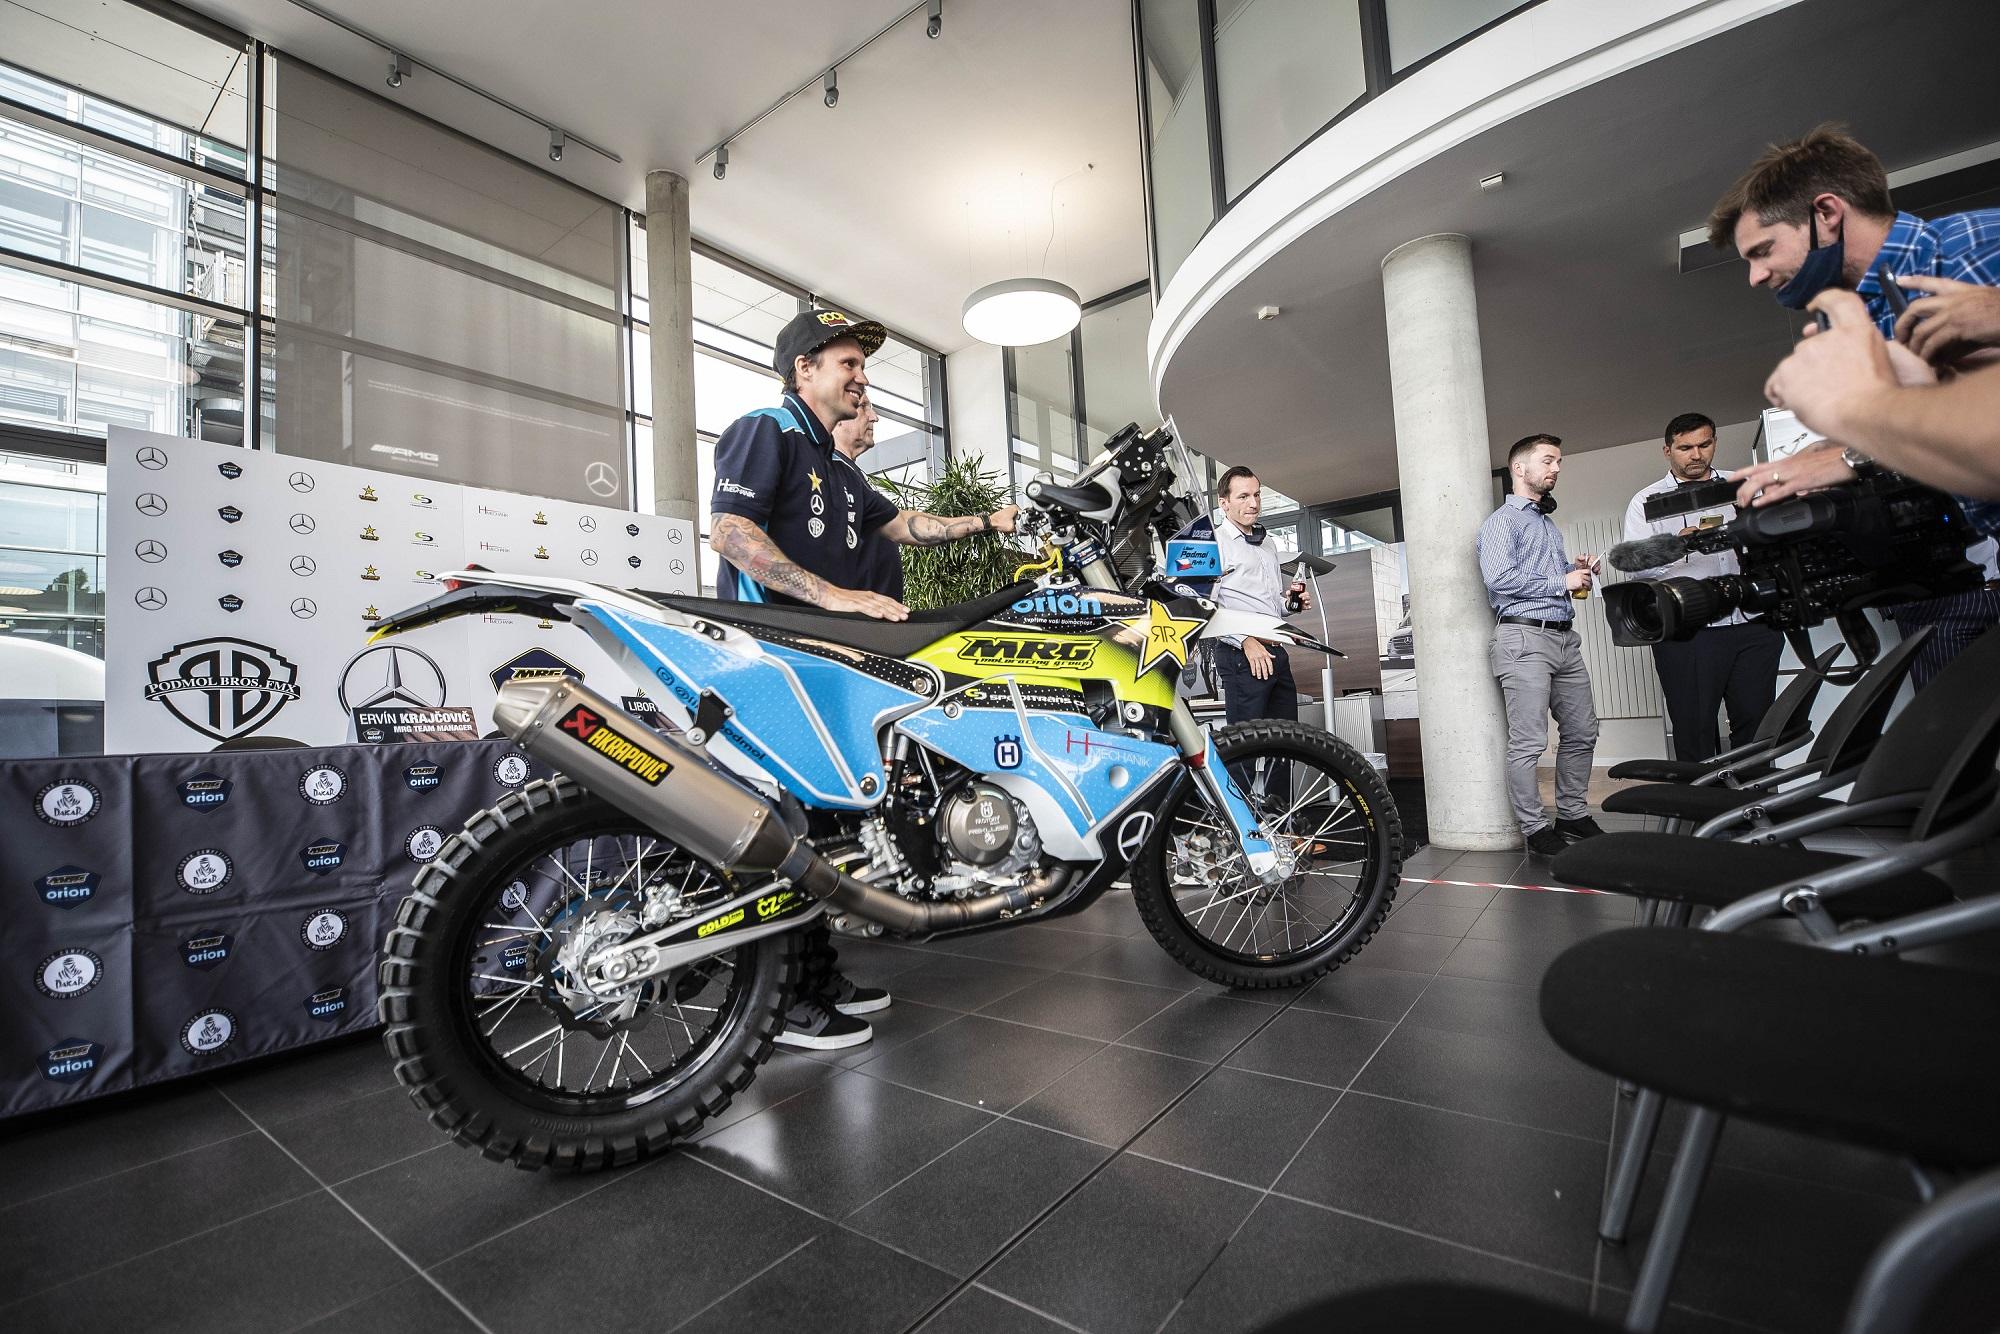 Podmol je připravený bojovat na Dakarské rallye. Pojede včeském týmu MRG